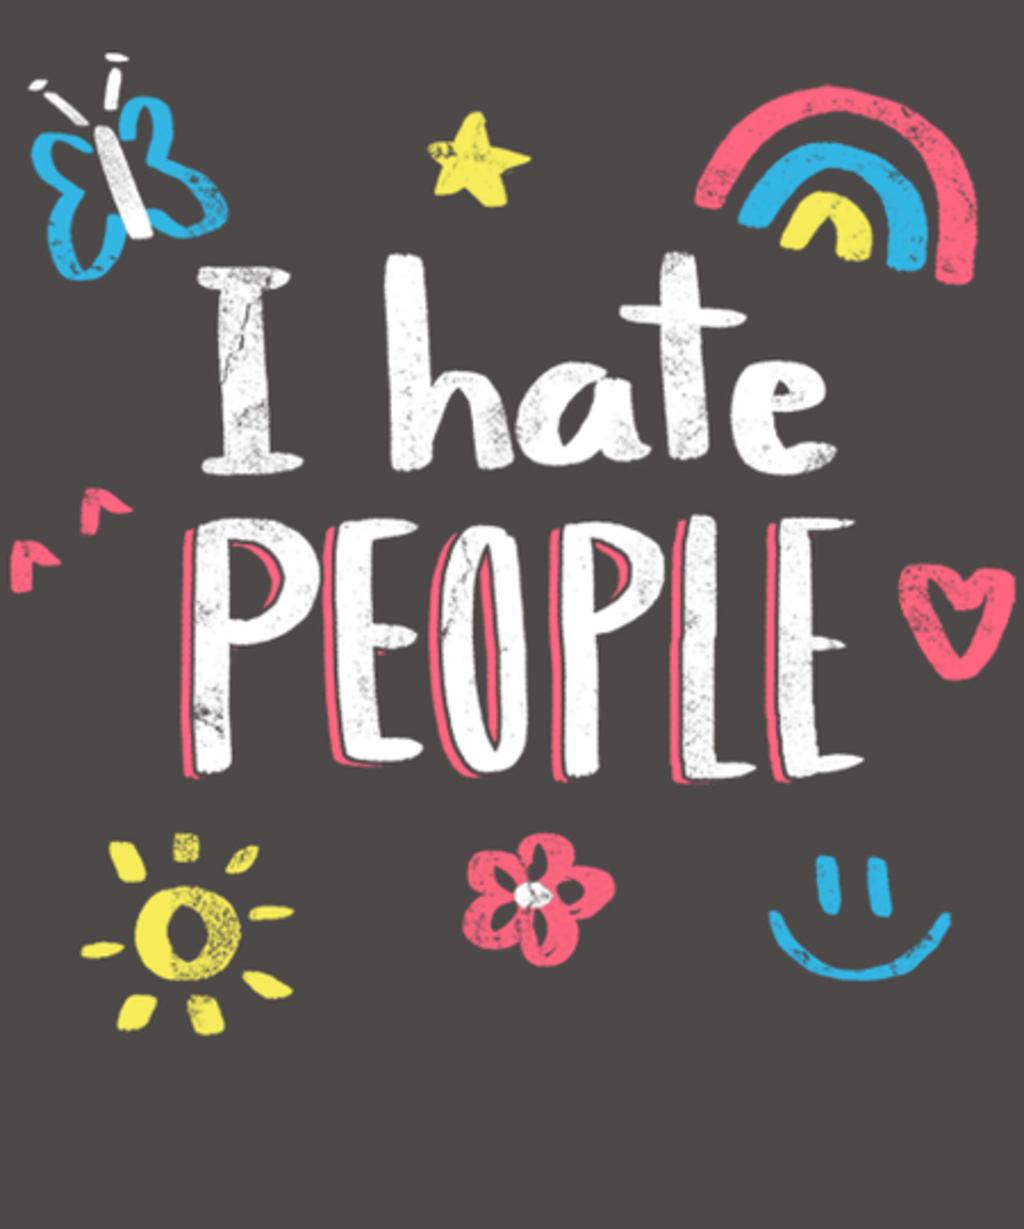 Qwertee: I hate people